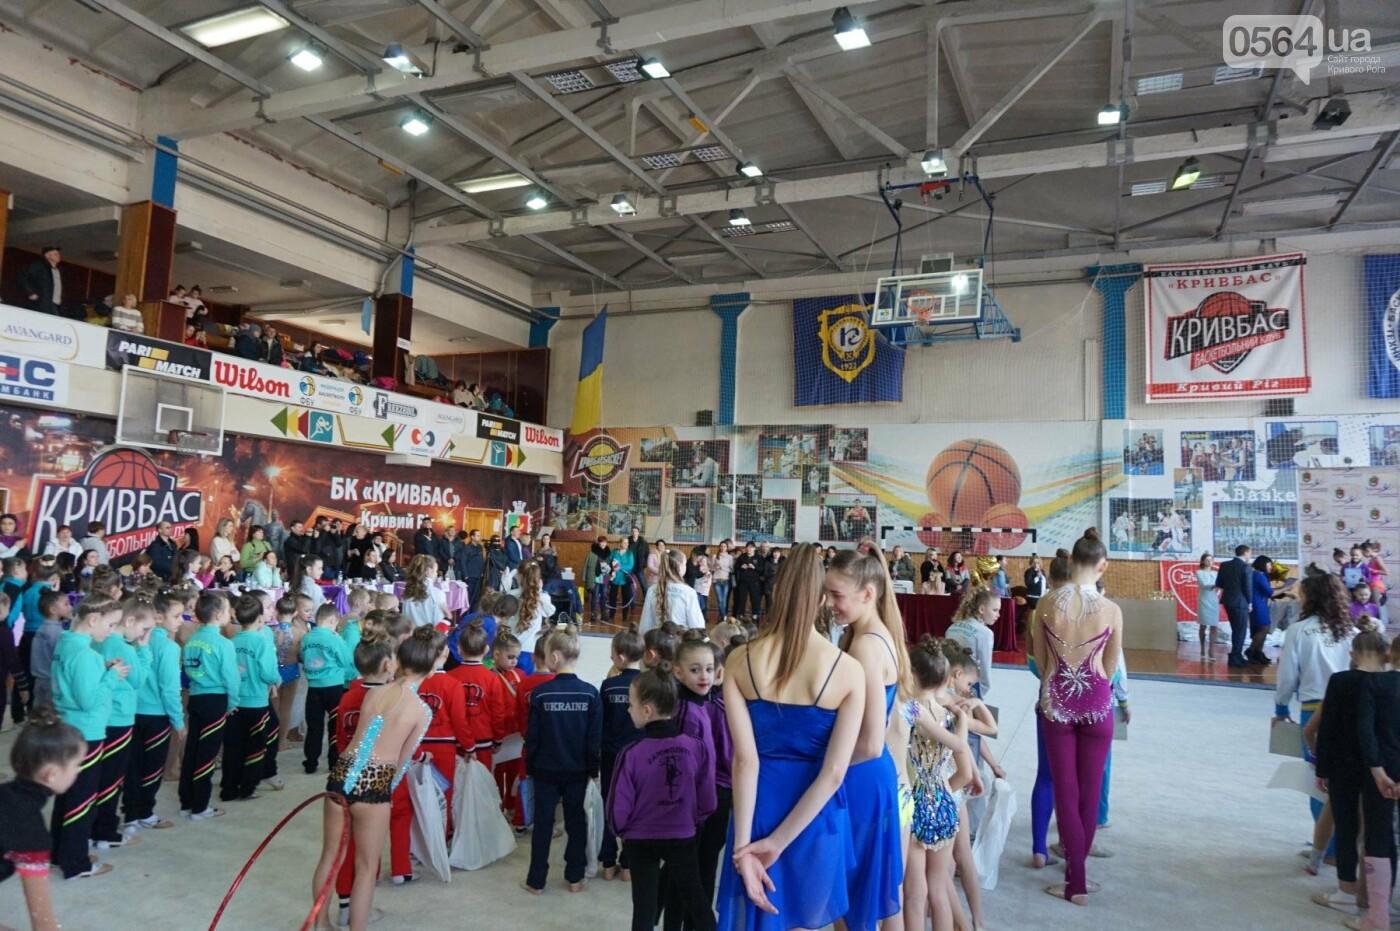 Праздник красоты и грации состоялся в Кривом Роге (ФОТО), фото-79